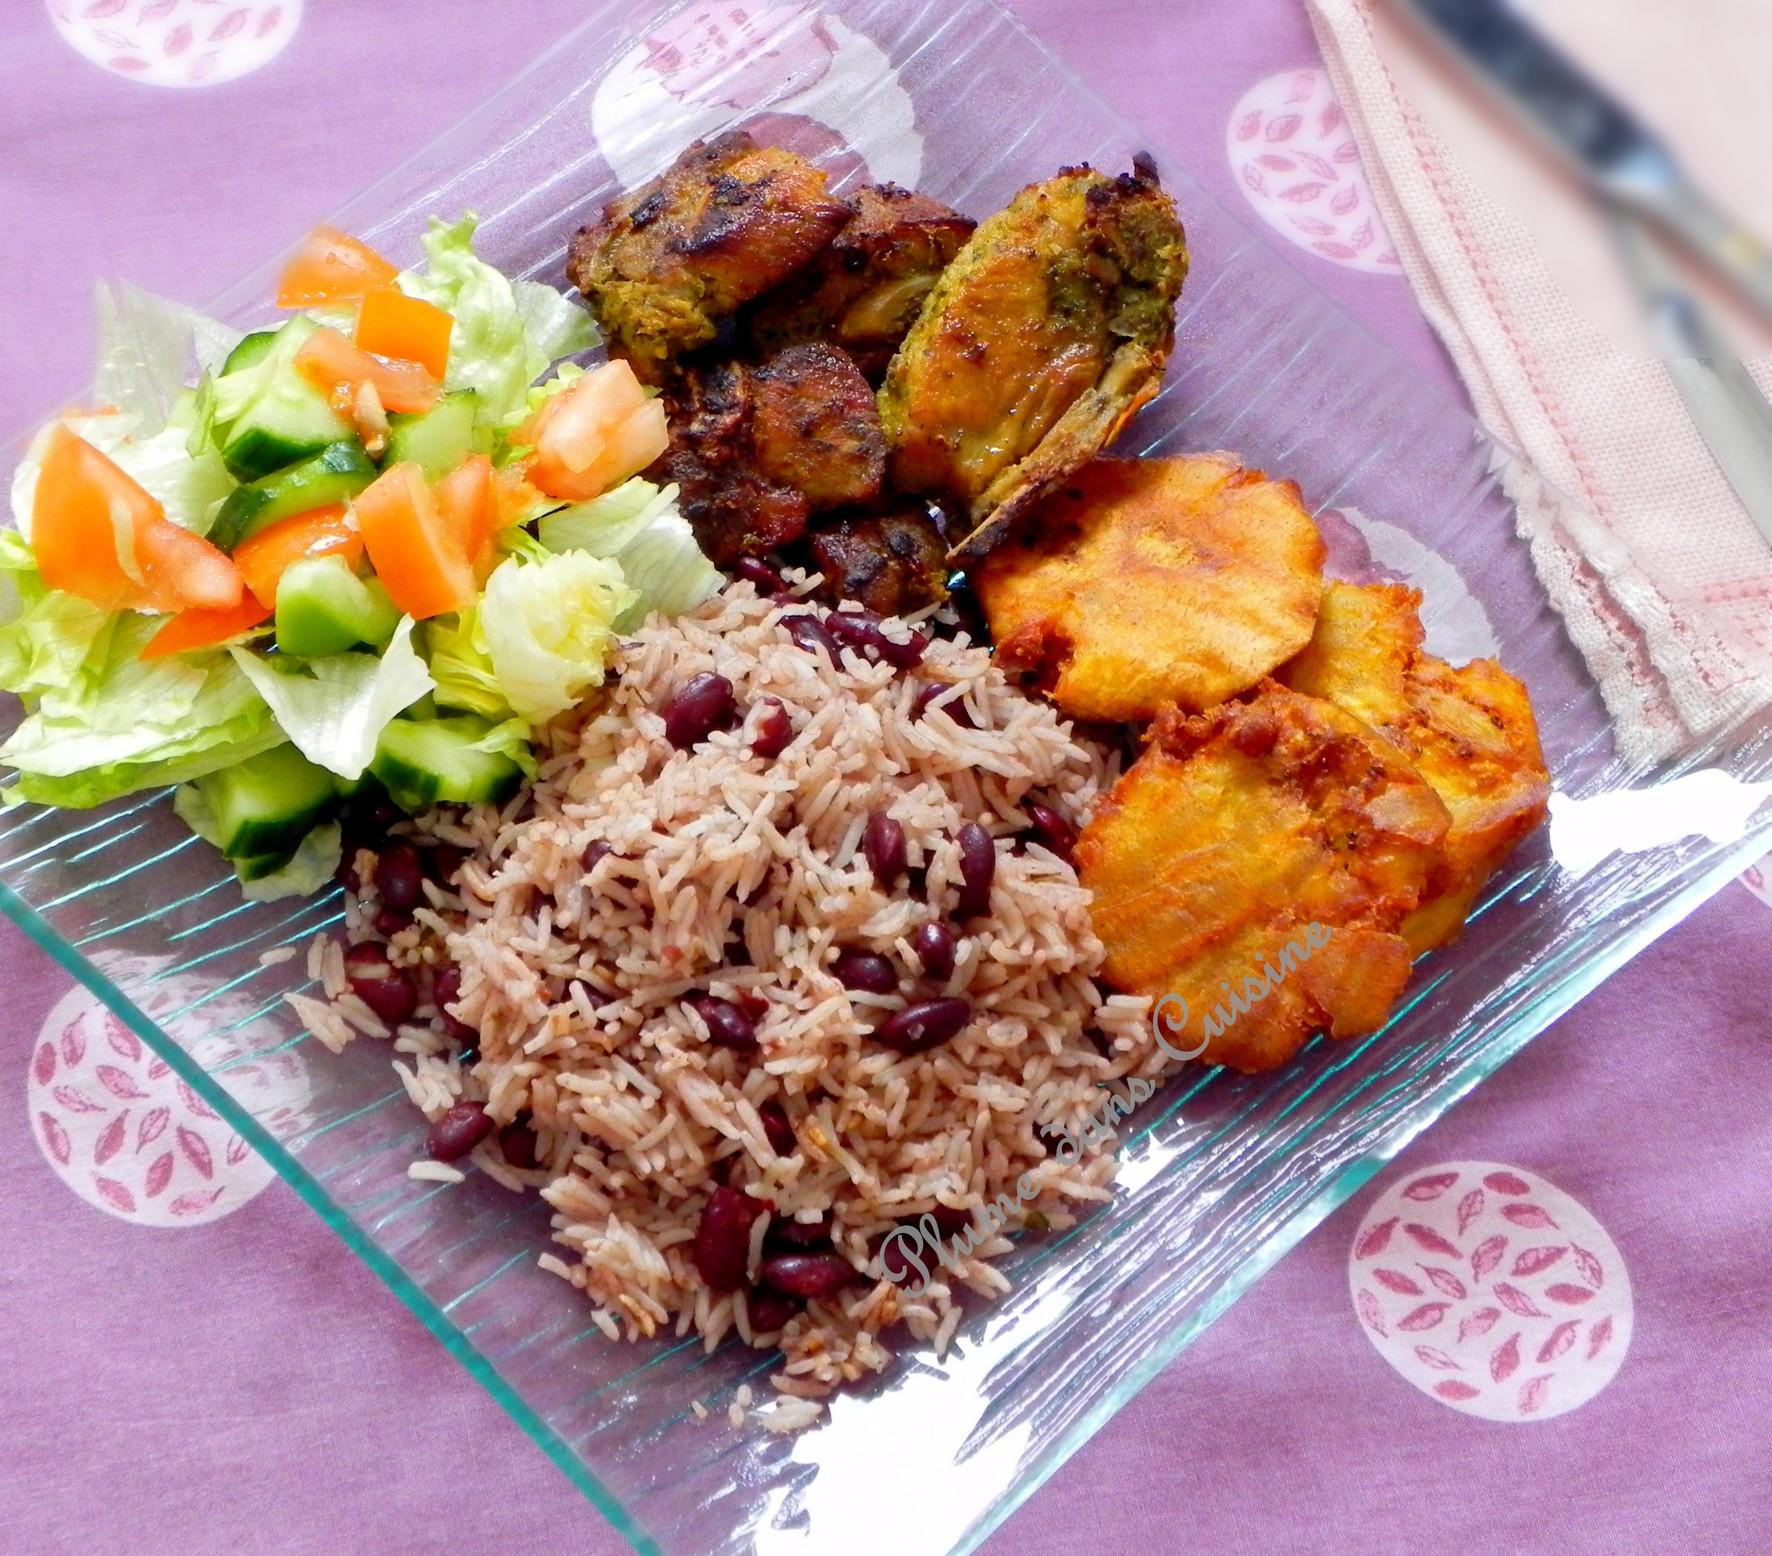 Image gallery nourriture haitienne - Image de cuisine ...